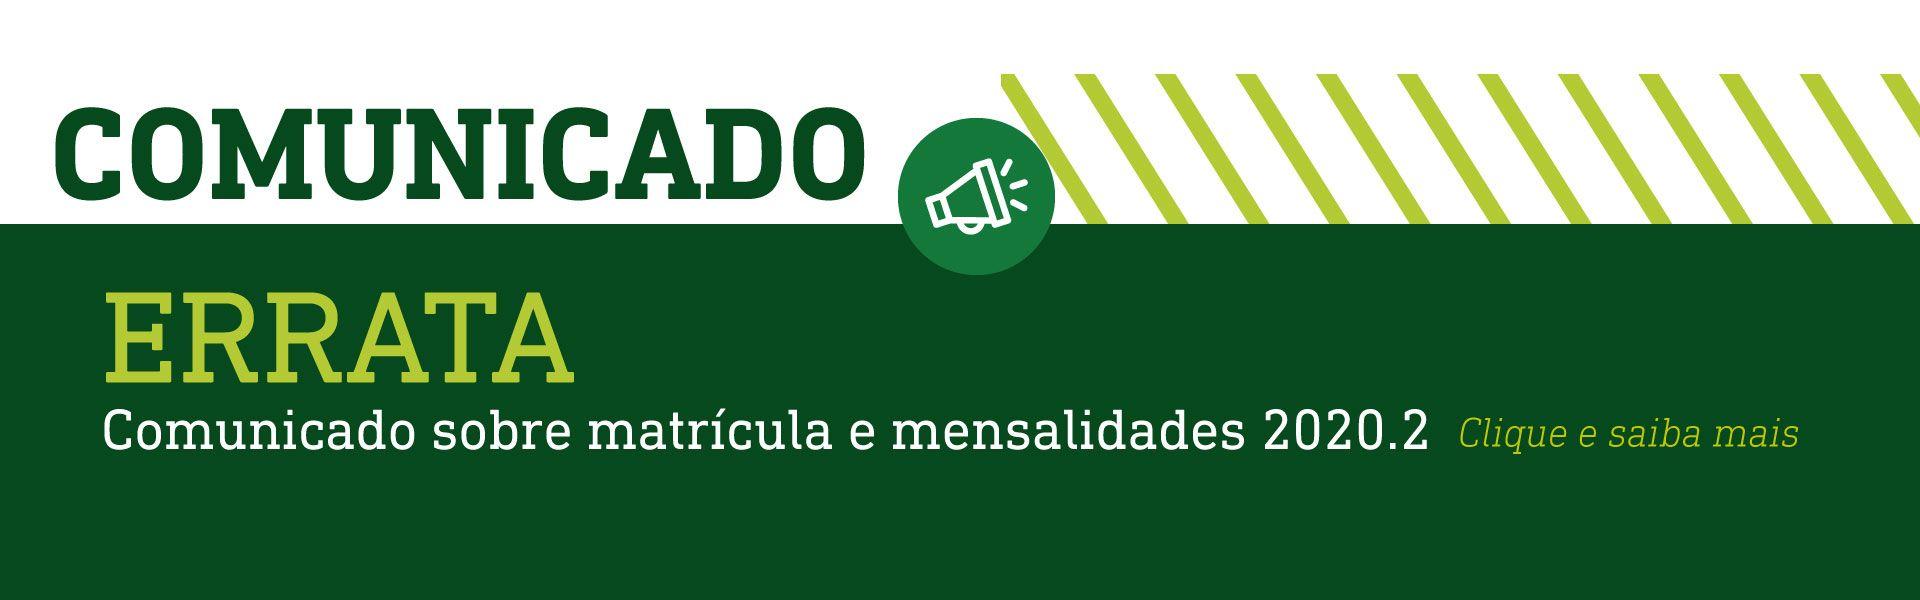 ERRATA Comunicado sobre matrícula e mensalidades 2020.2